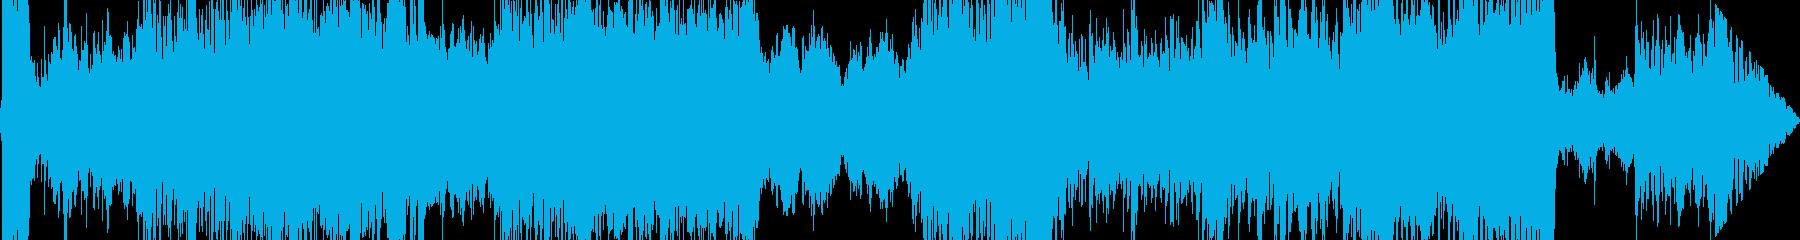 重厚感とダイナミクスのあるRPG戦闘曲の再生済みの波形